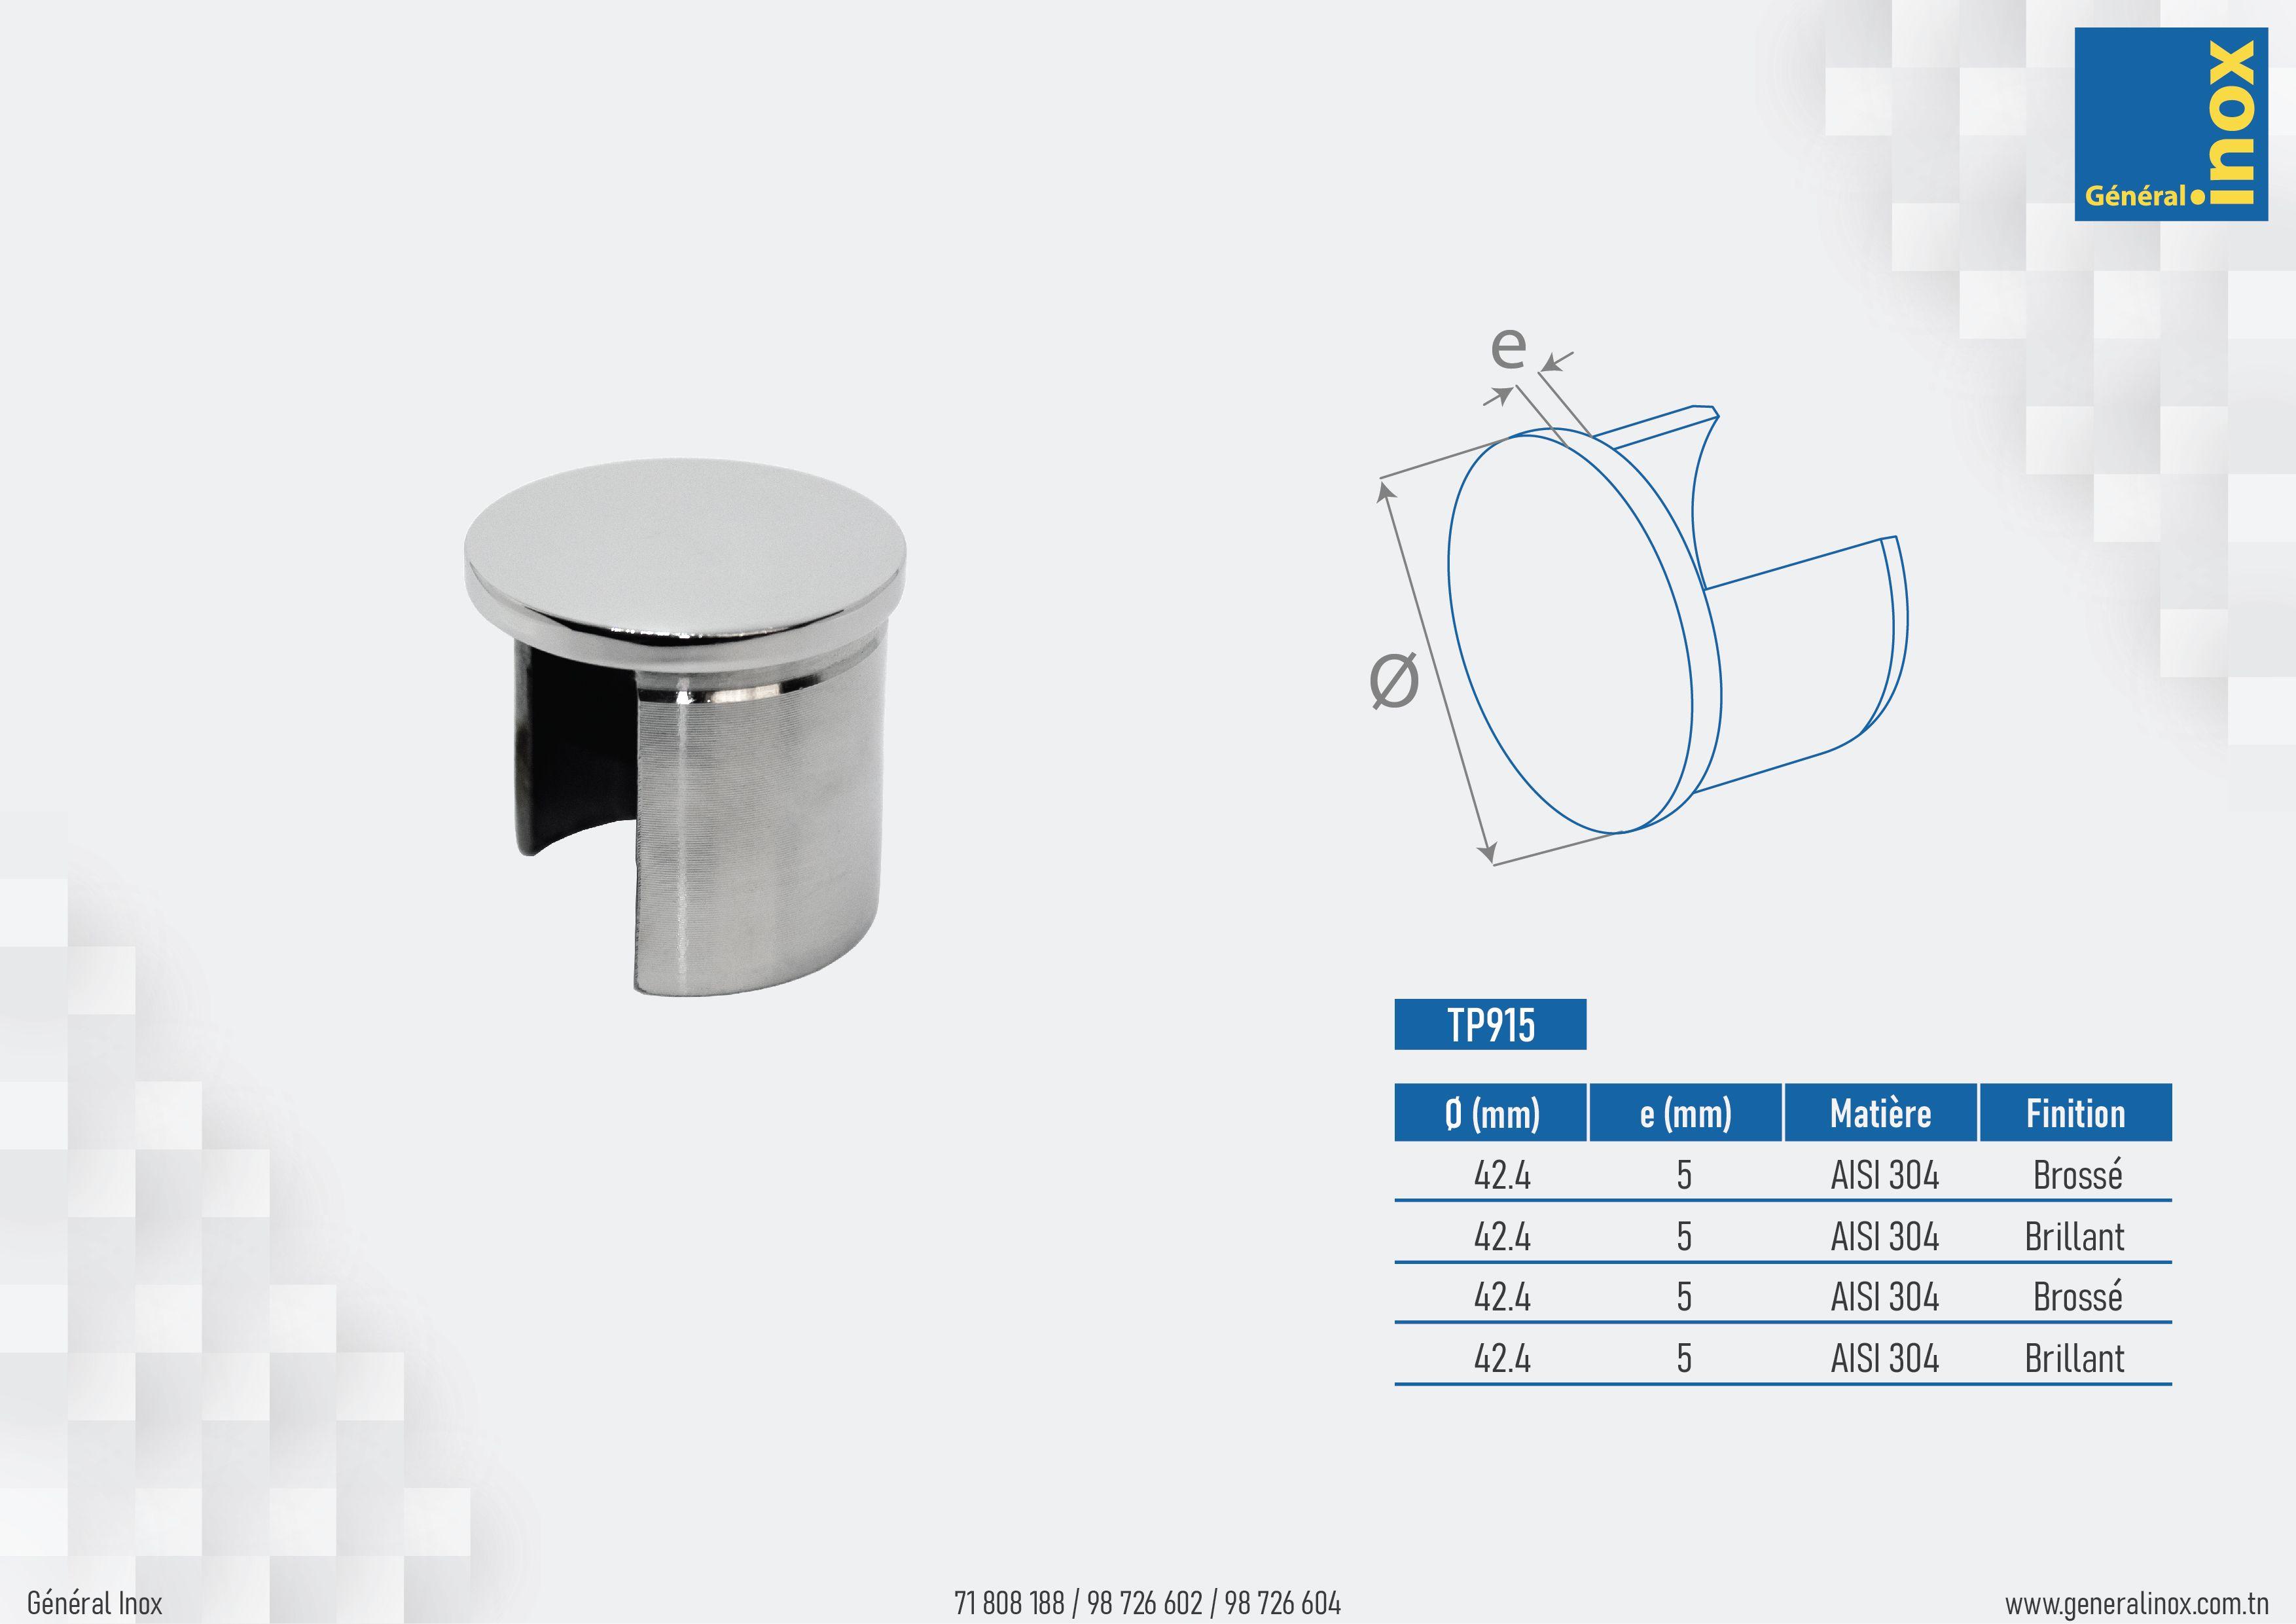 Embout Plat Pour Tube Rond En U 42.4mm (avec images